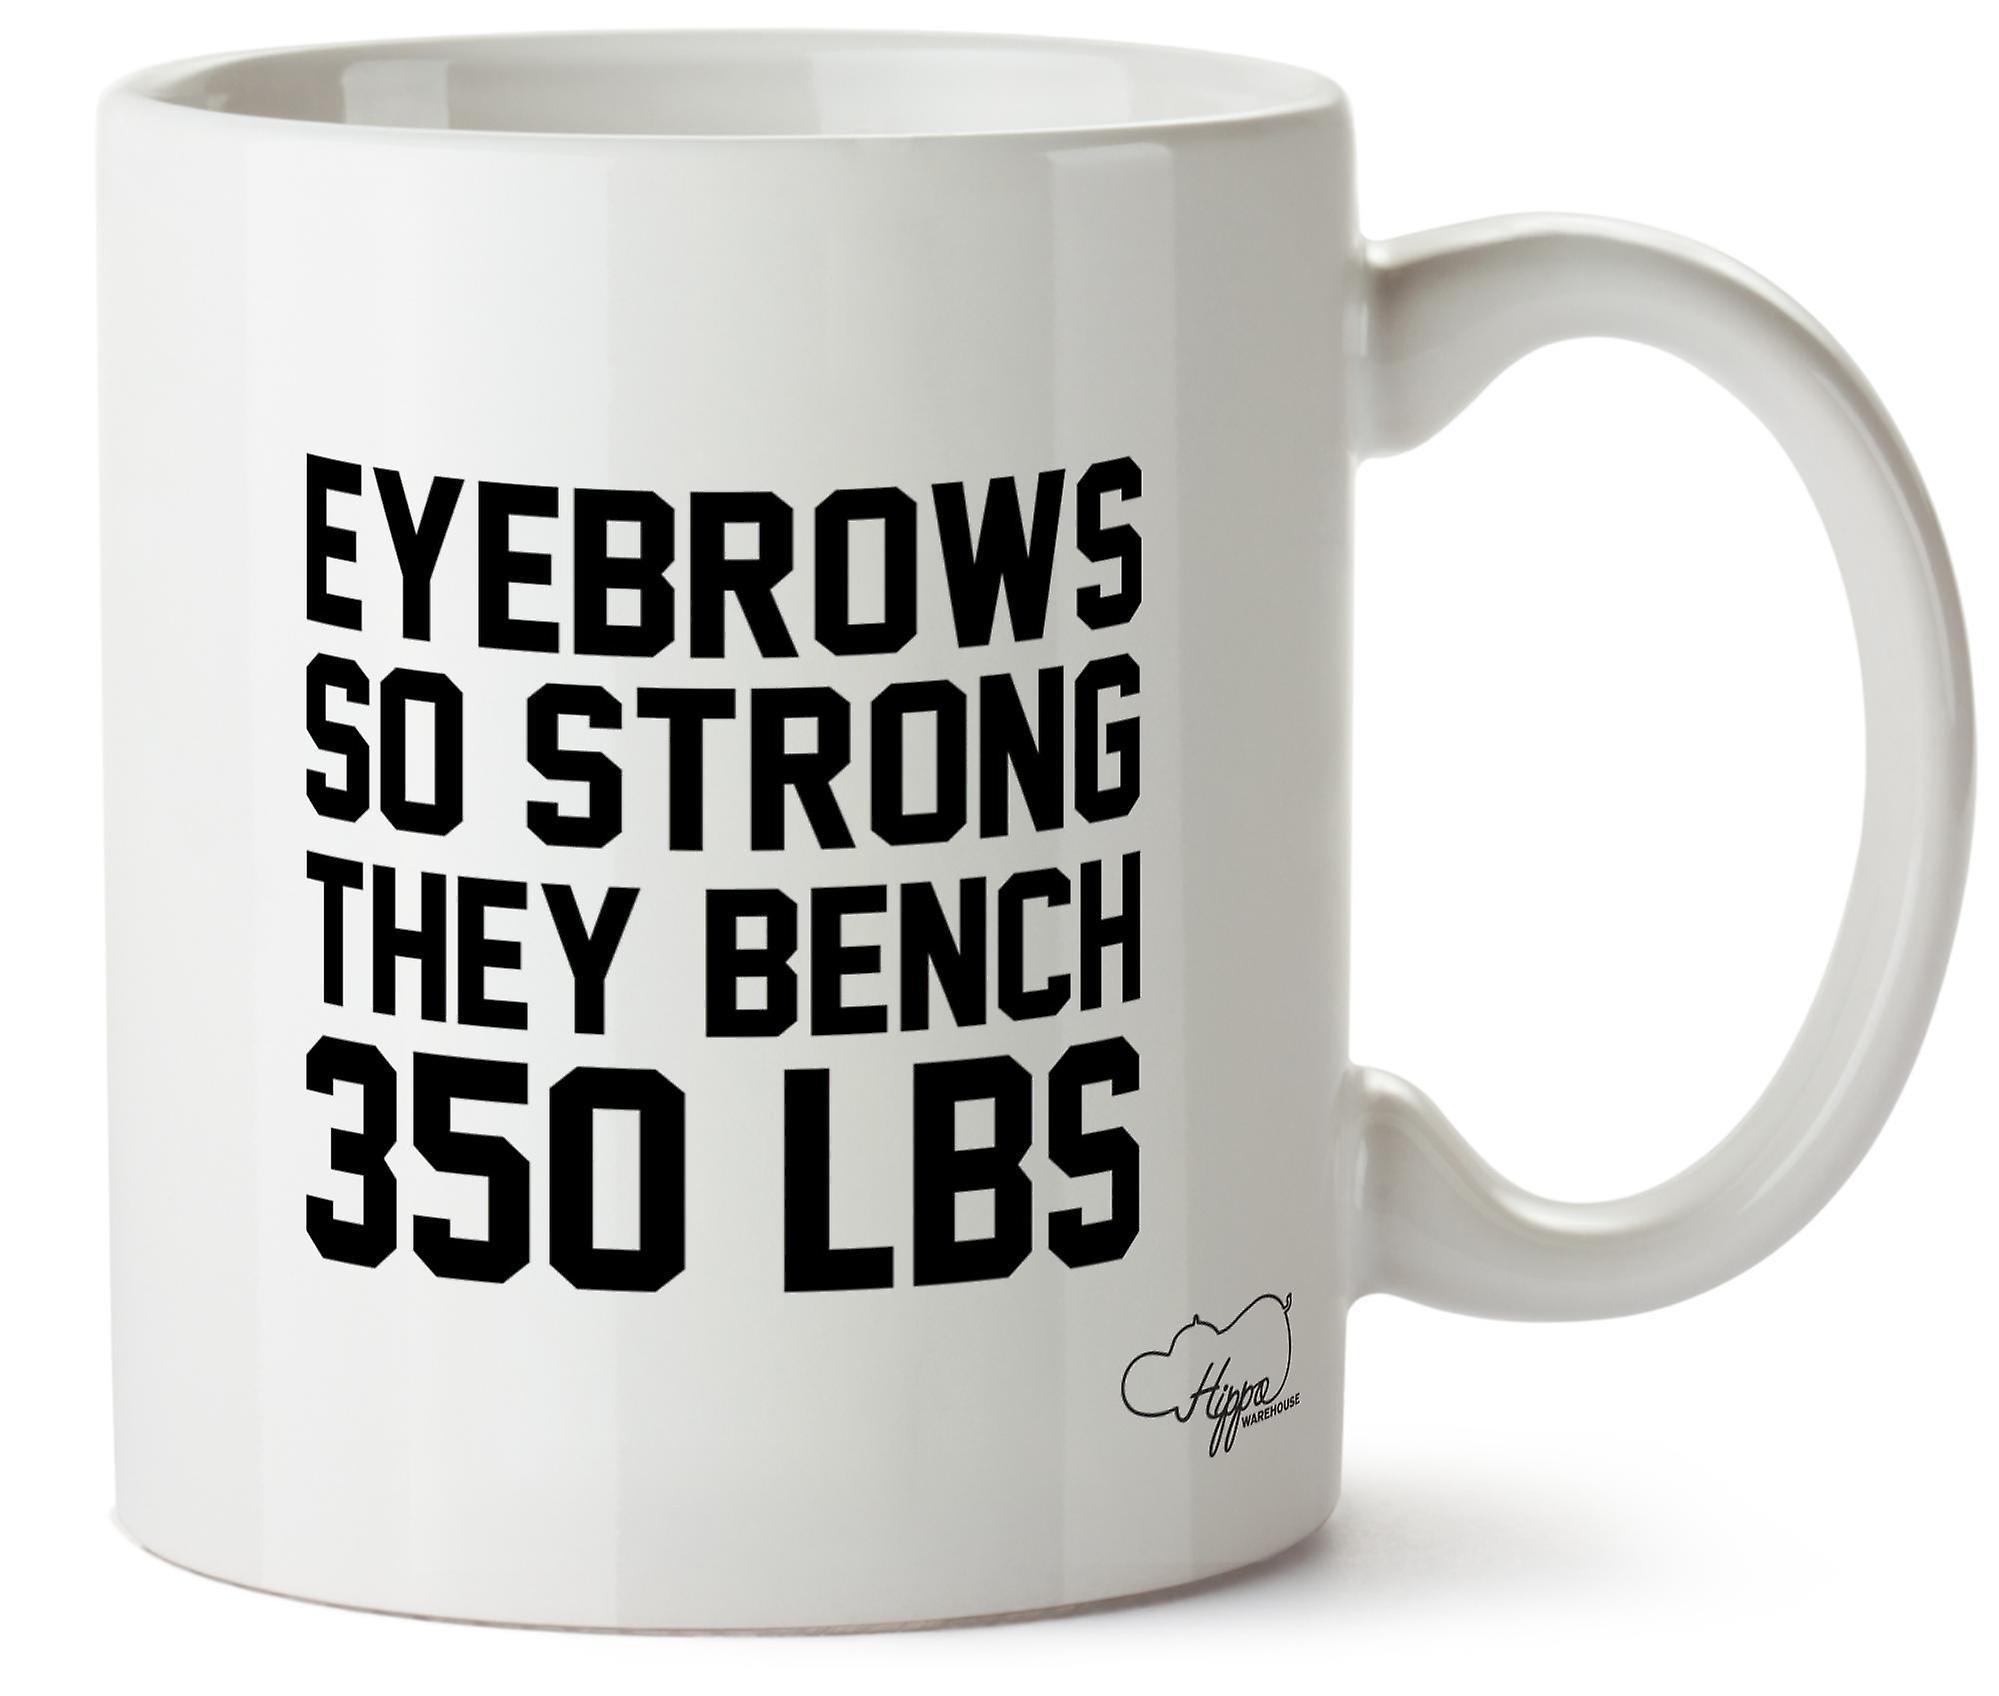 Hippowarehouse брови так сильные, они скамейке 350 фунтов печатные кружки чашки керамические 10oz